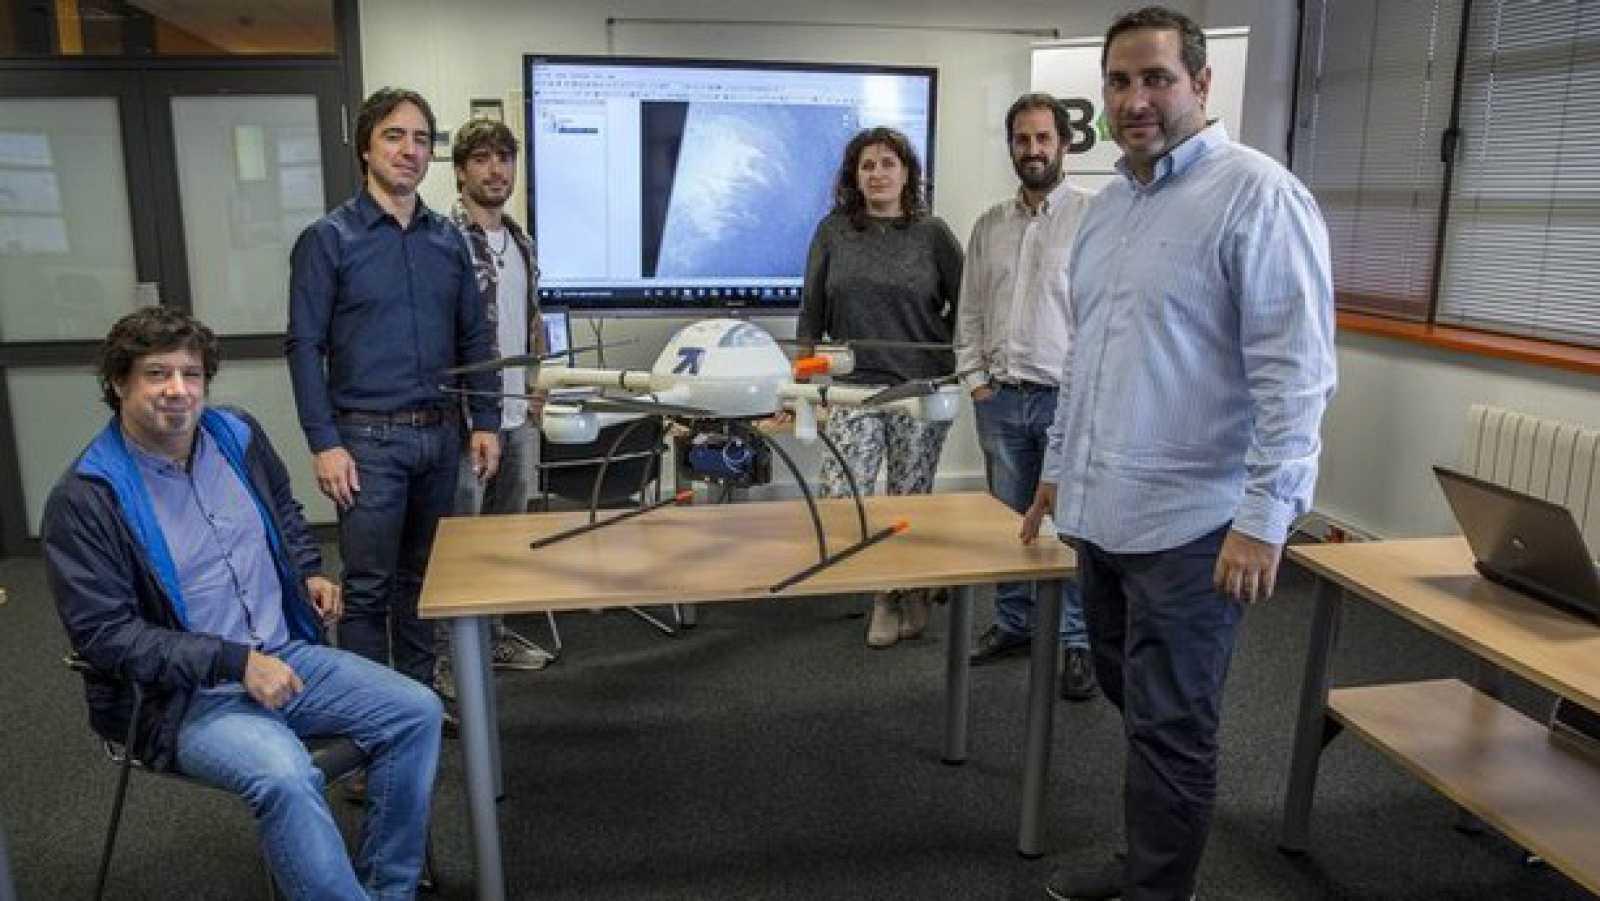 Españoles en la mar - Drones y satélites localizando vertidos en el mar, el Proyecto Brainport - 22/09/17 - escuchar ahora